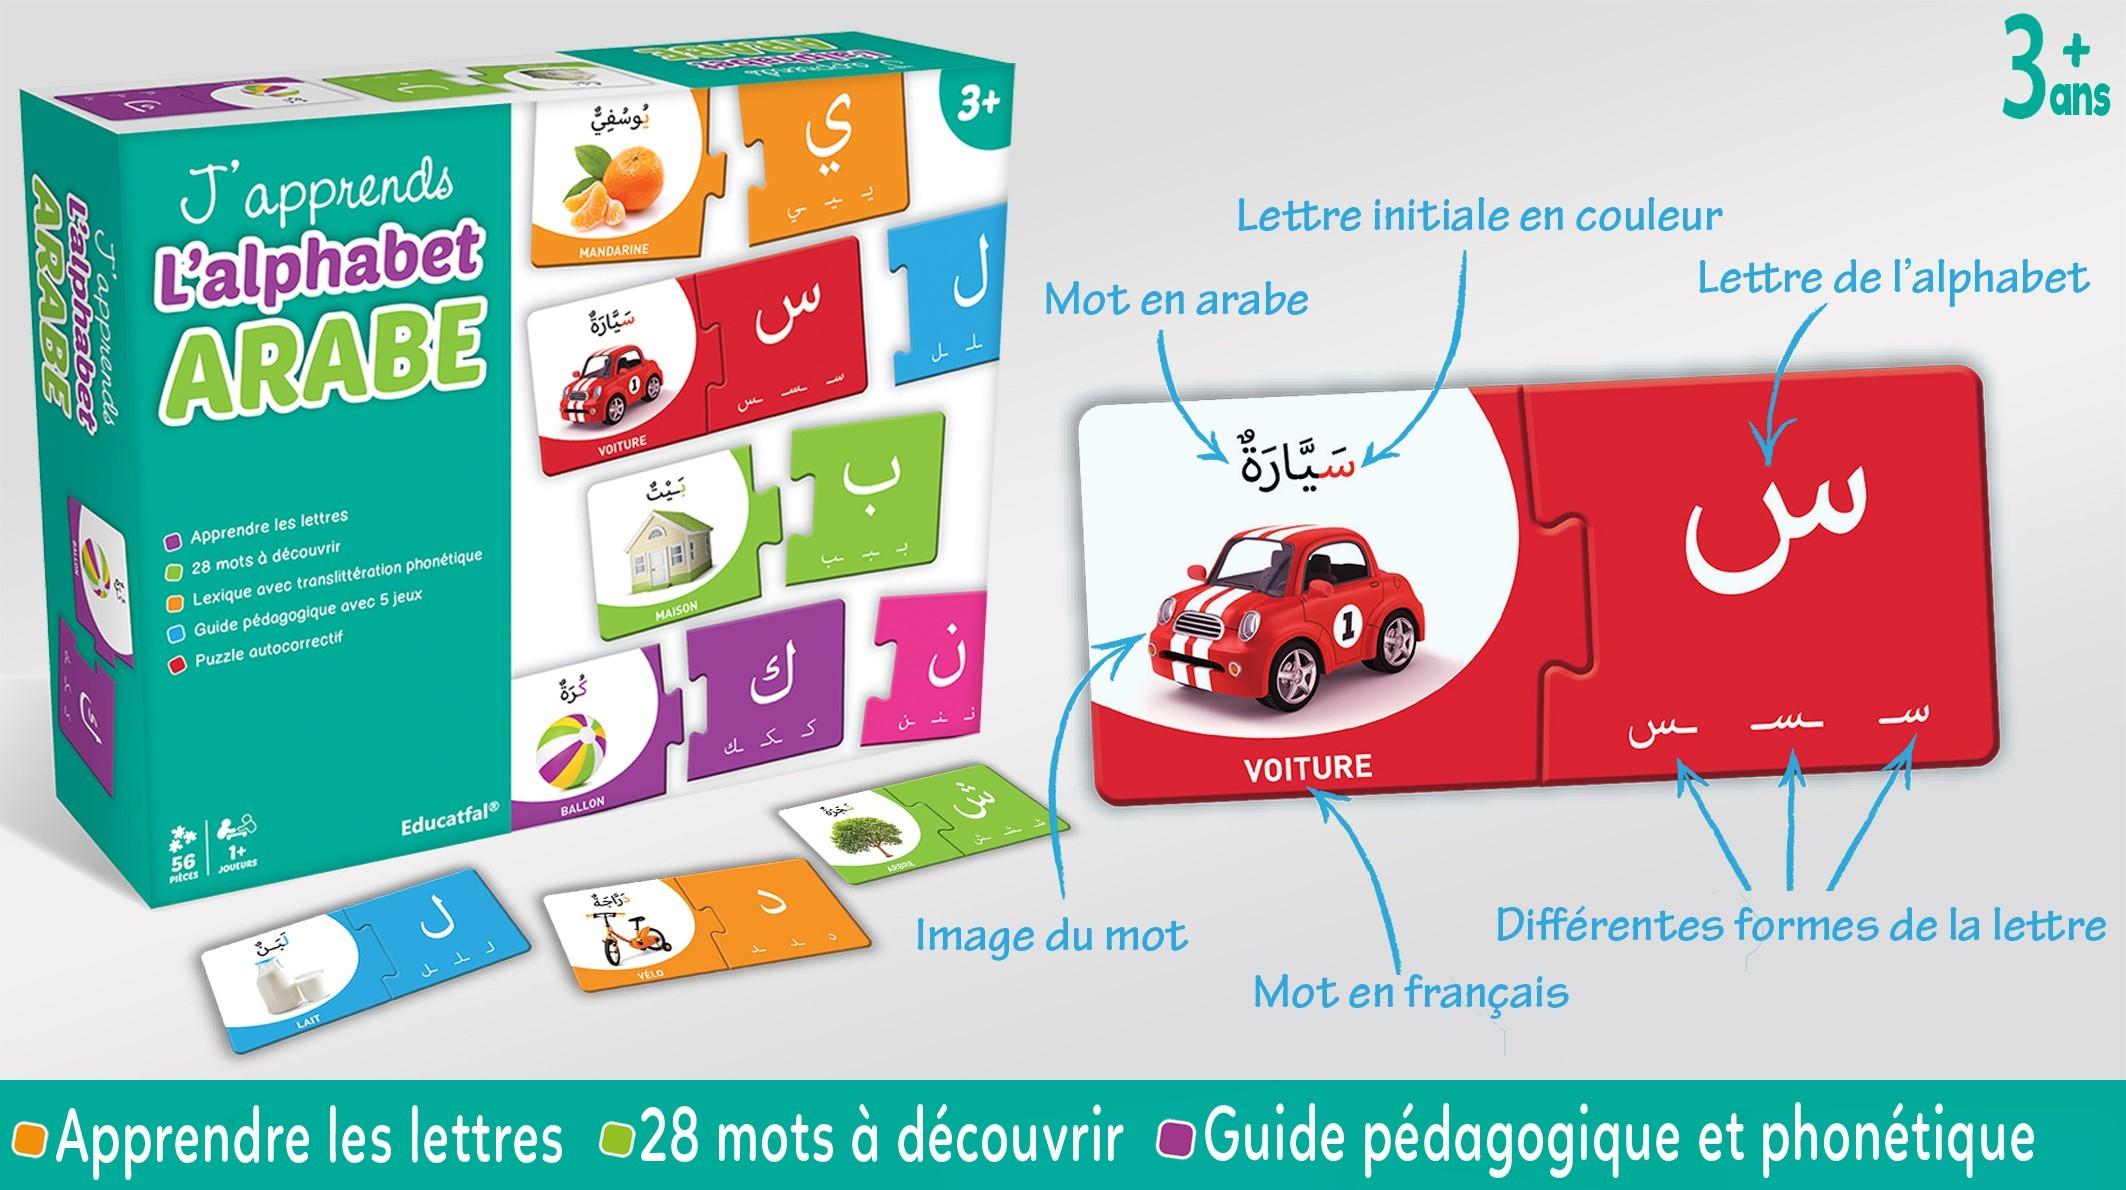 J'apprends L'alphabet Arabe- Puzzle- Edition Educatfal tout Jeux Educatif 5 Ans